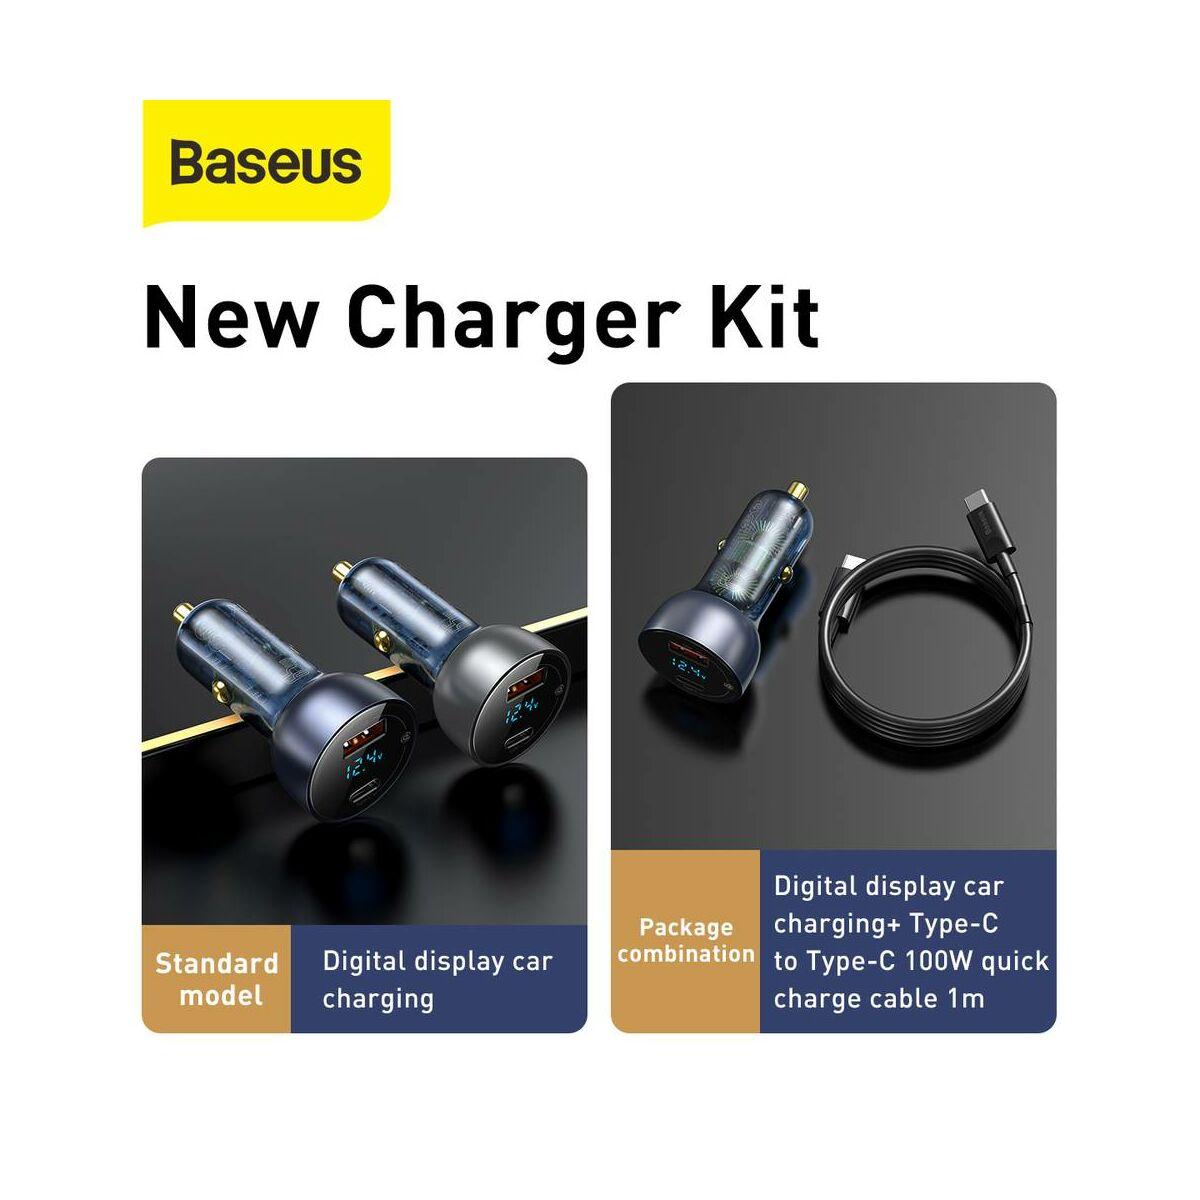 Baseus autós töltő szett, Digitális kijelző, PPS QC 3.0 U+C kimenet (60W C+C kábel, 1m) 45W, fekete (TZCCKX-0G)